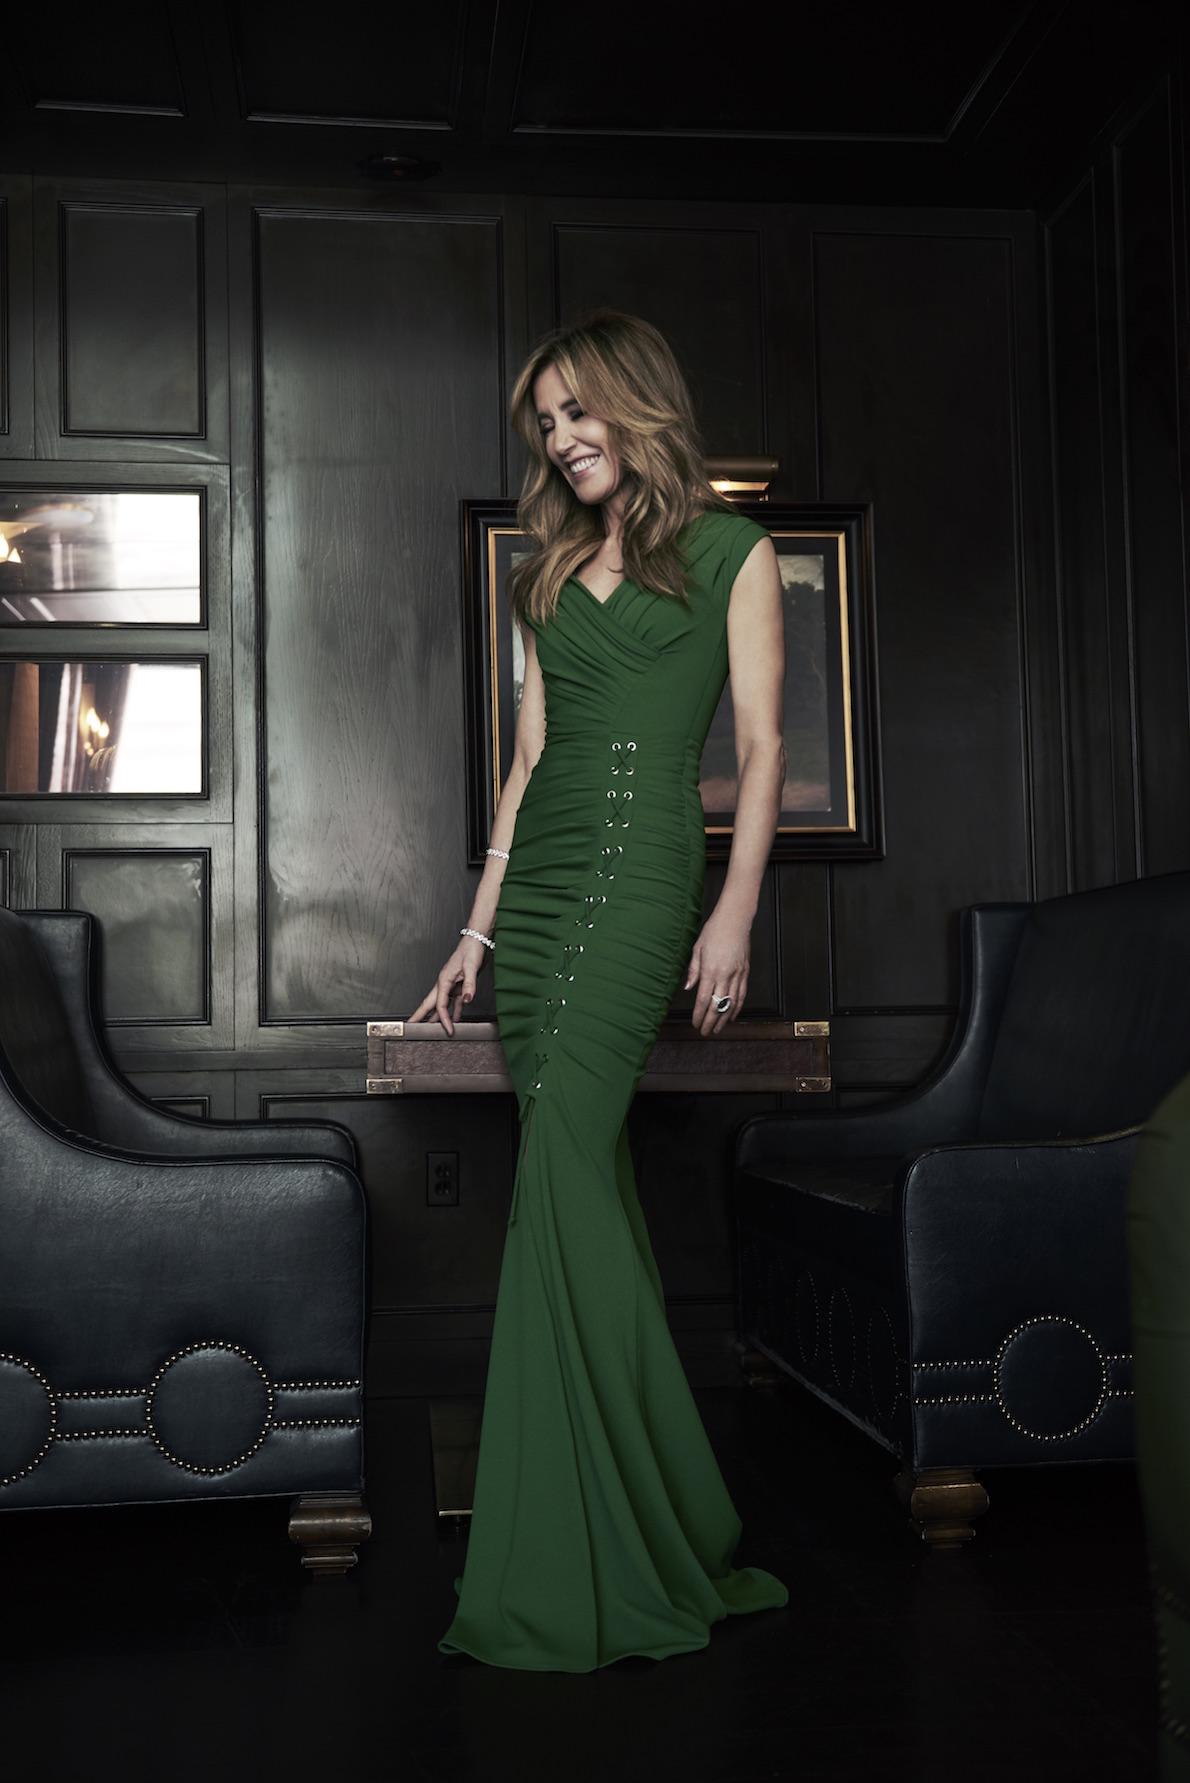 Felicity Huffman Gown: Julea Domani by Zeena Zaki Jewels: Martin Katz